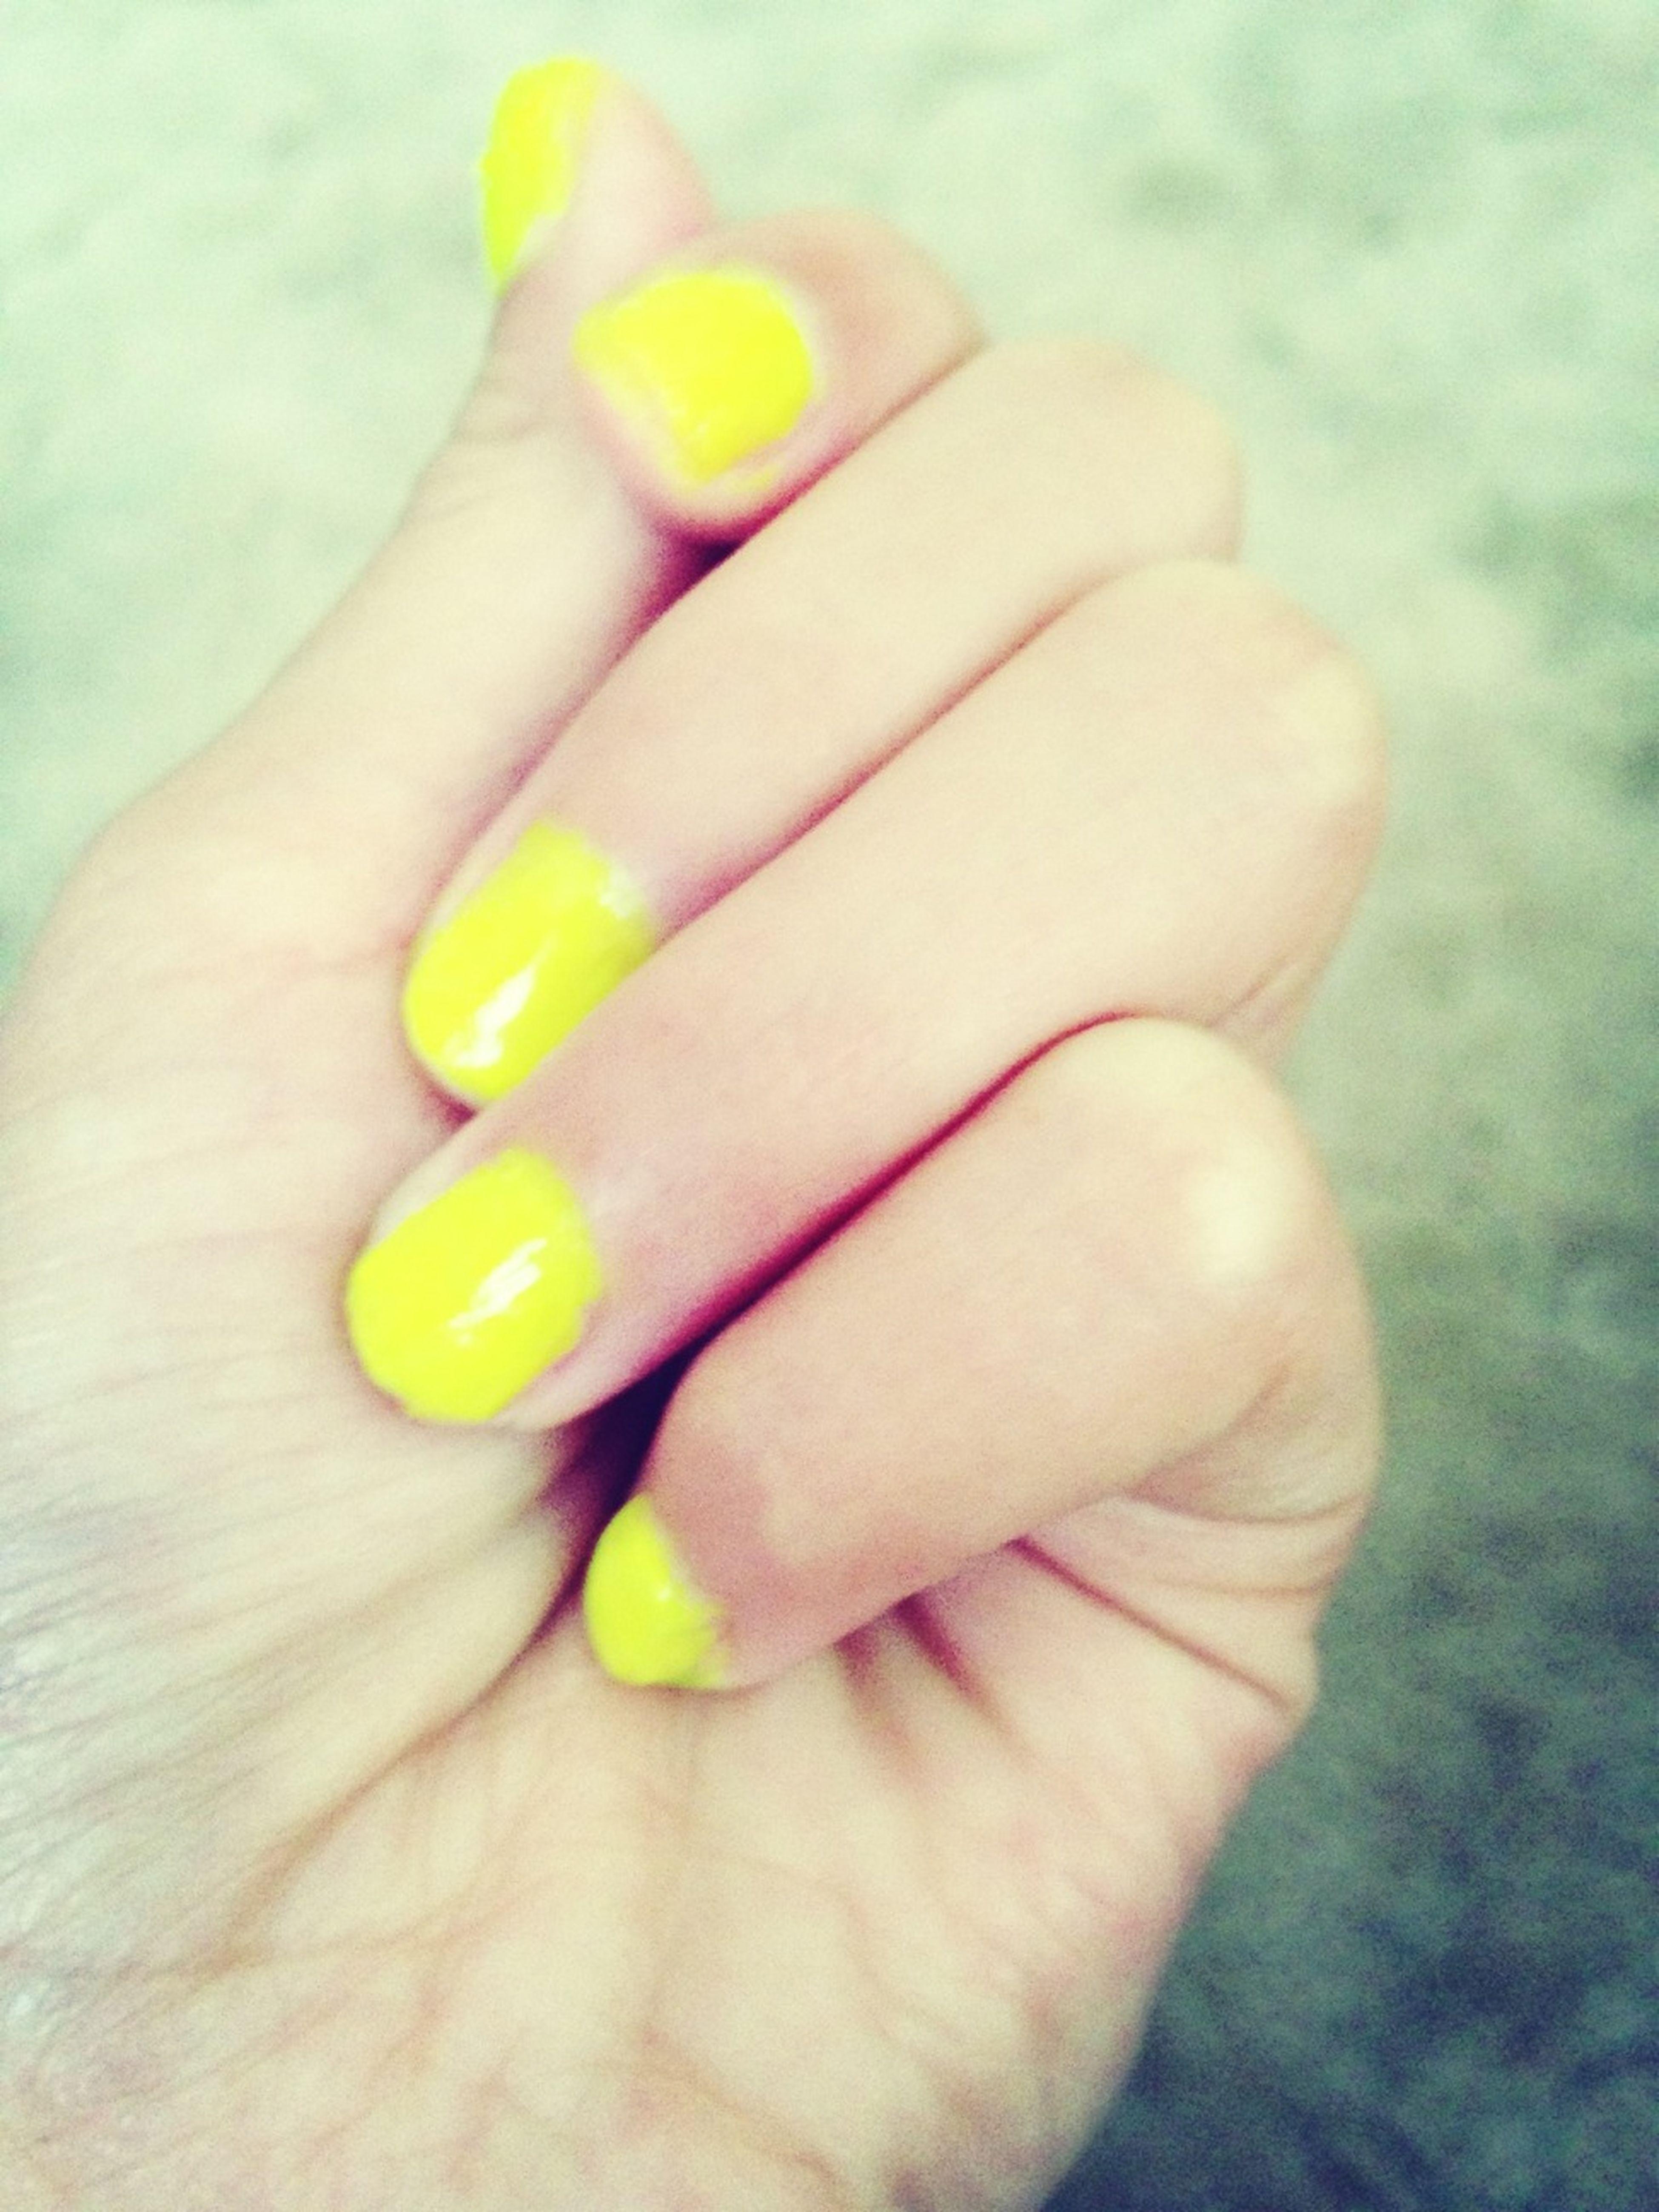 My #nails #lovethem!!